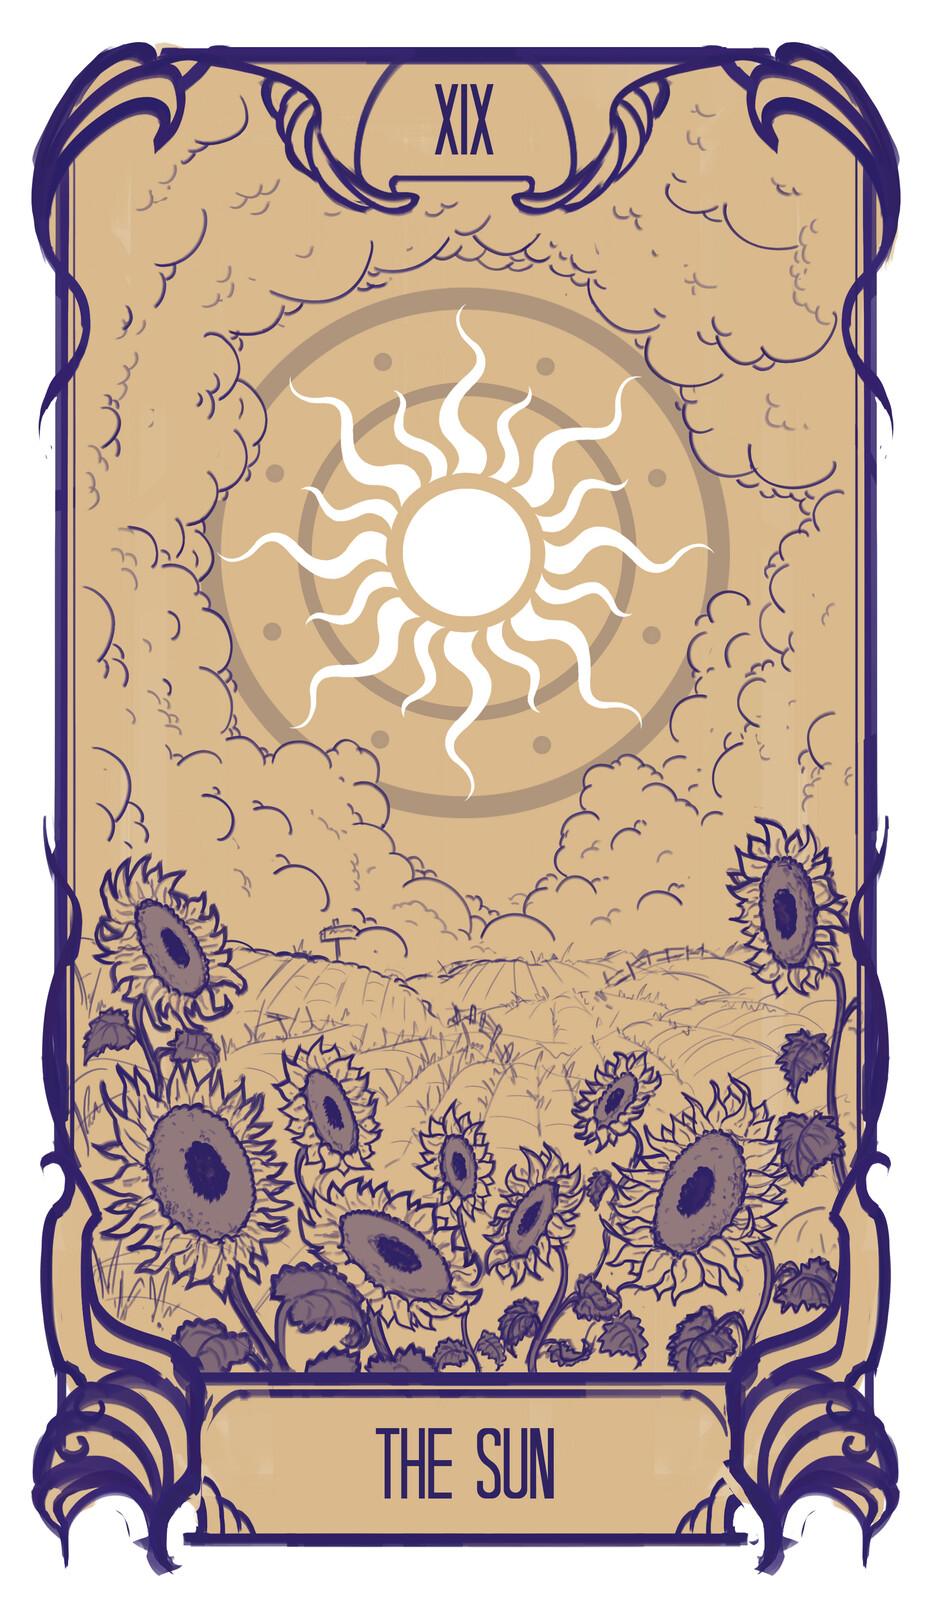 19. The Sun